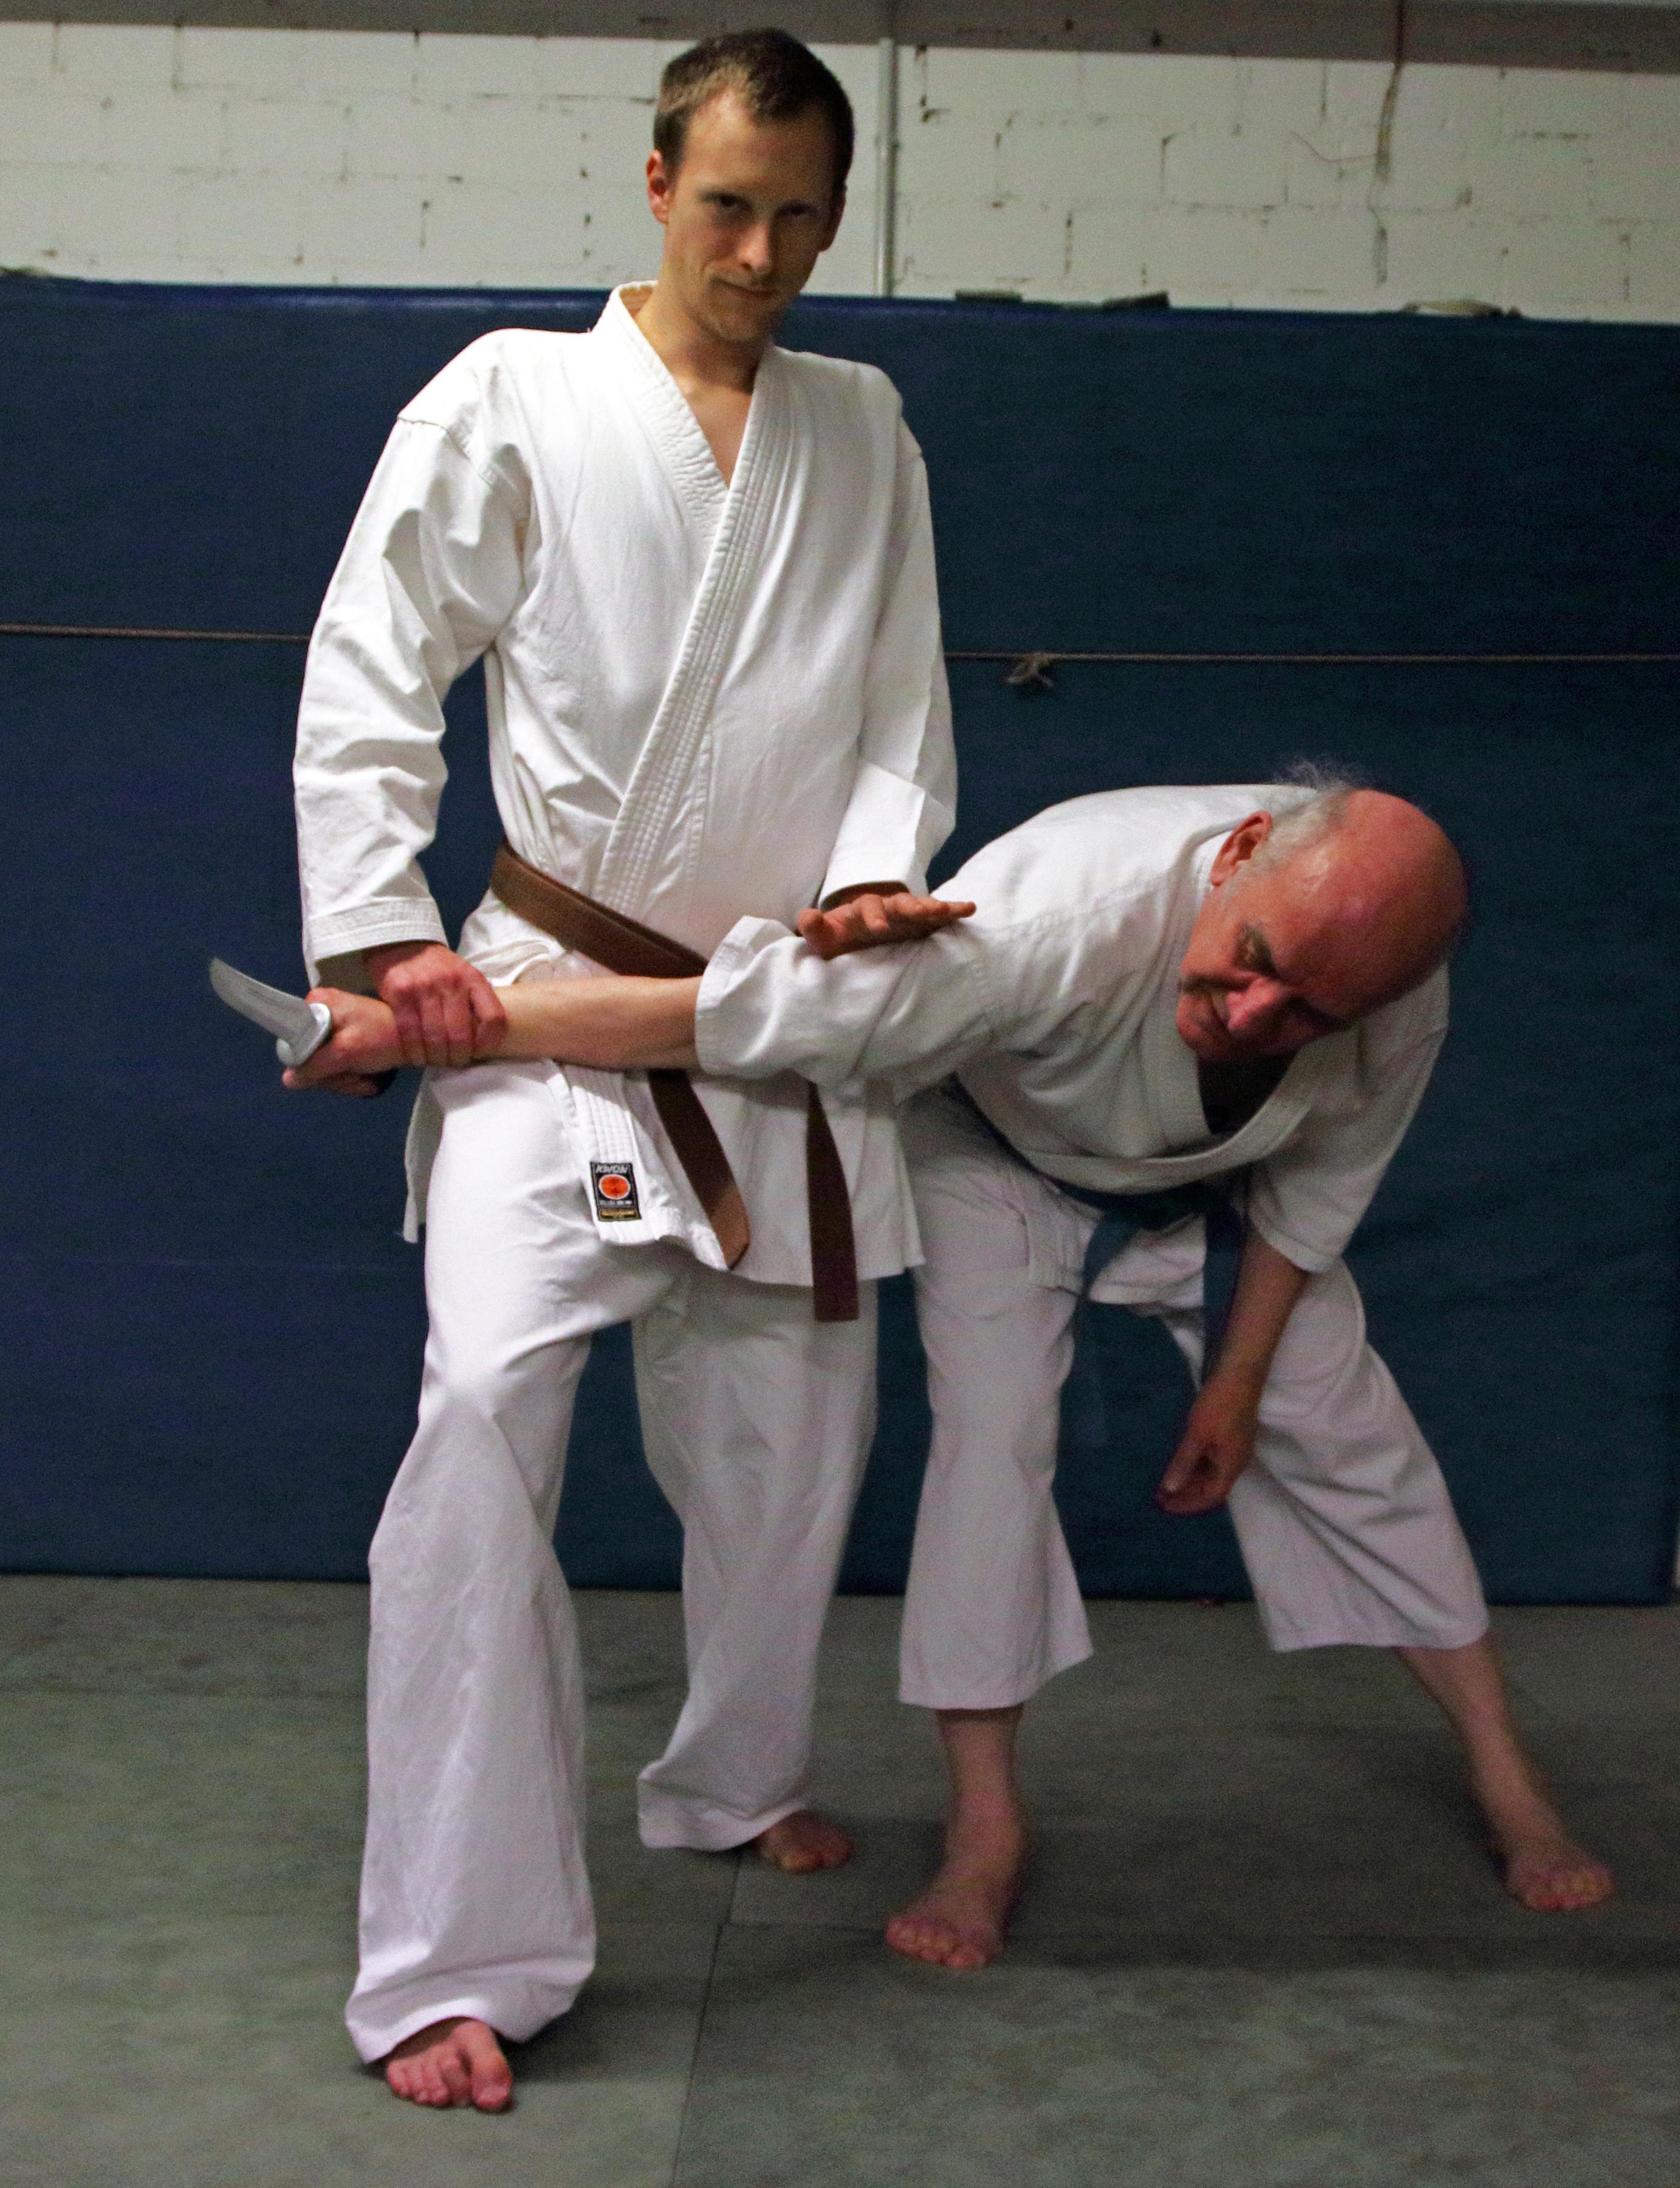 20200126_Karate_Bild_17_SV